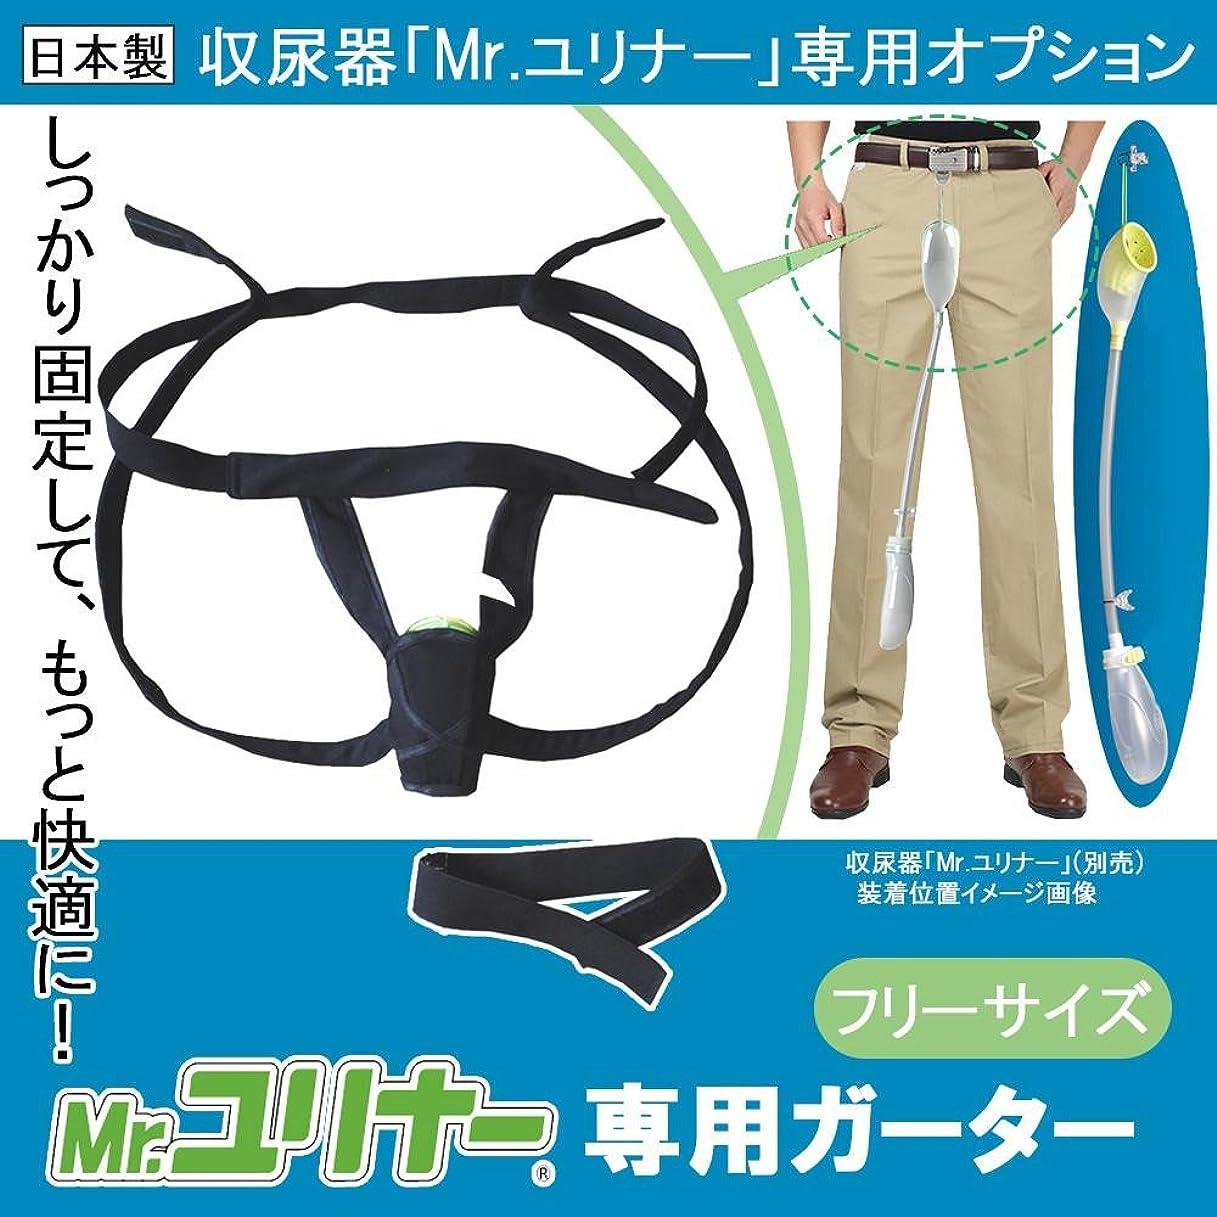 熱望するクライストチャーチ真向こう身体に付けない収尿器 「Mr.ユリナー」 専用ガーター